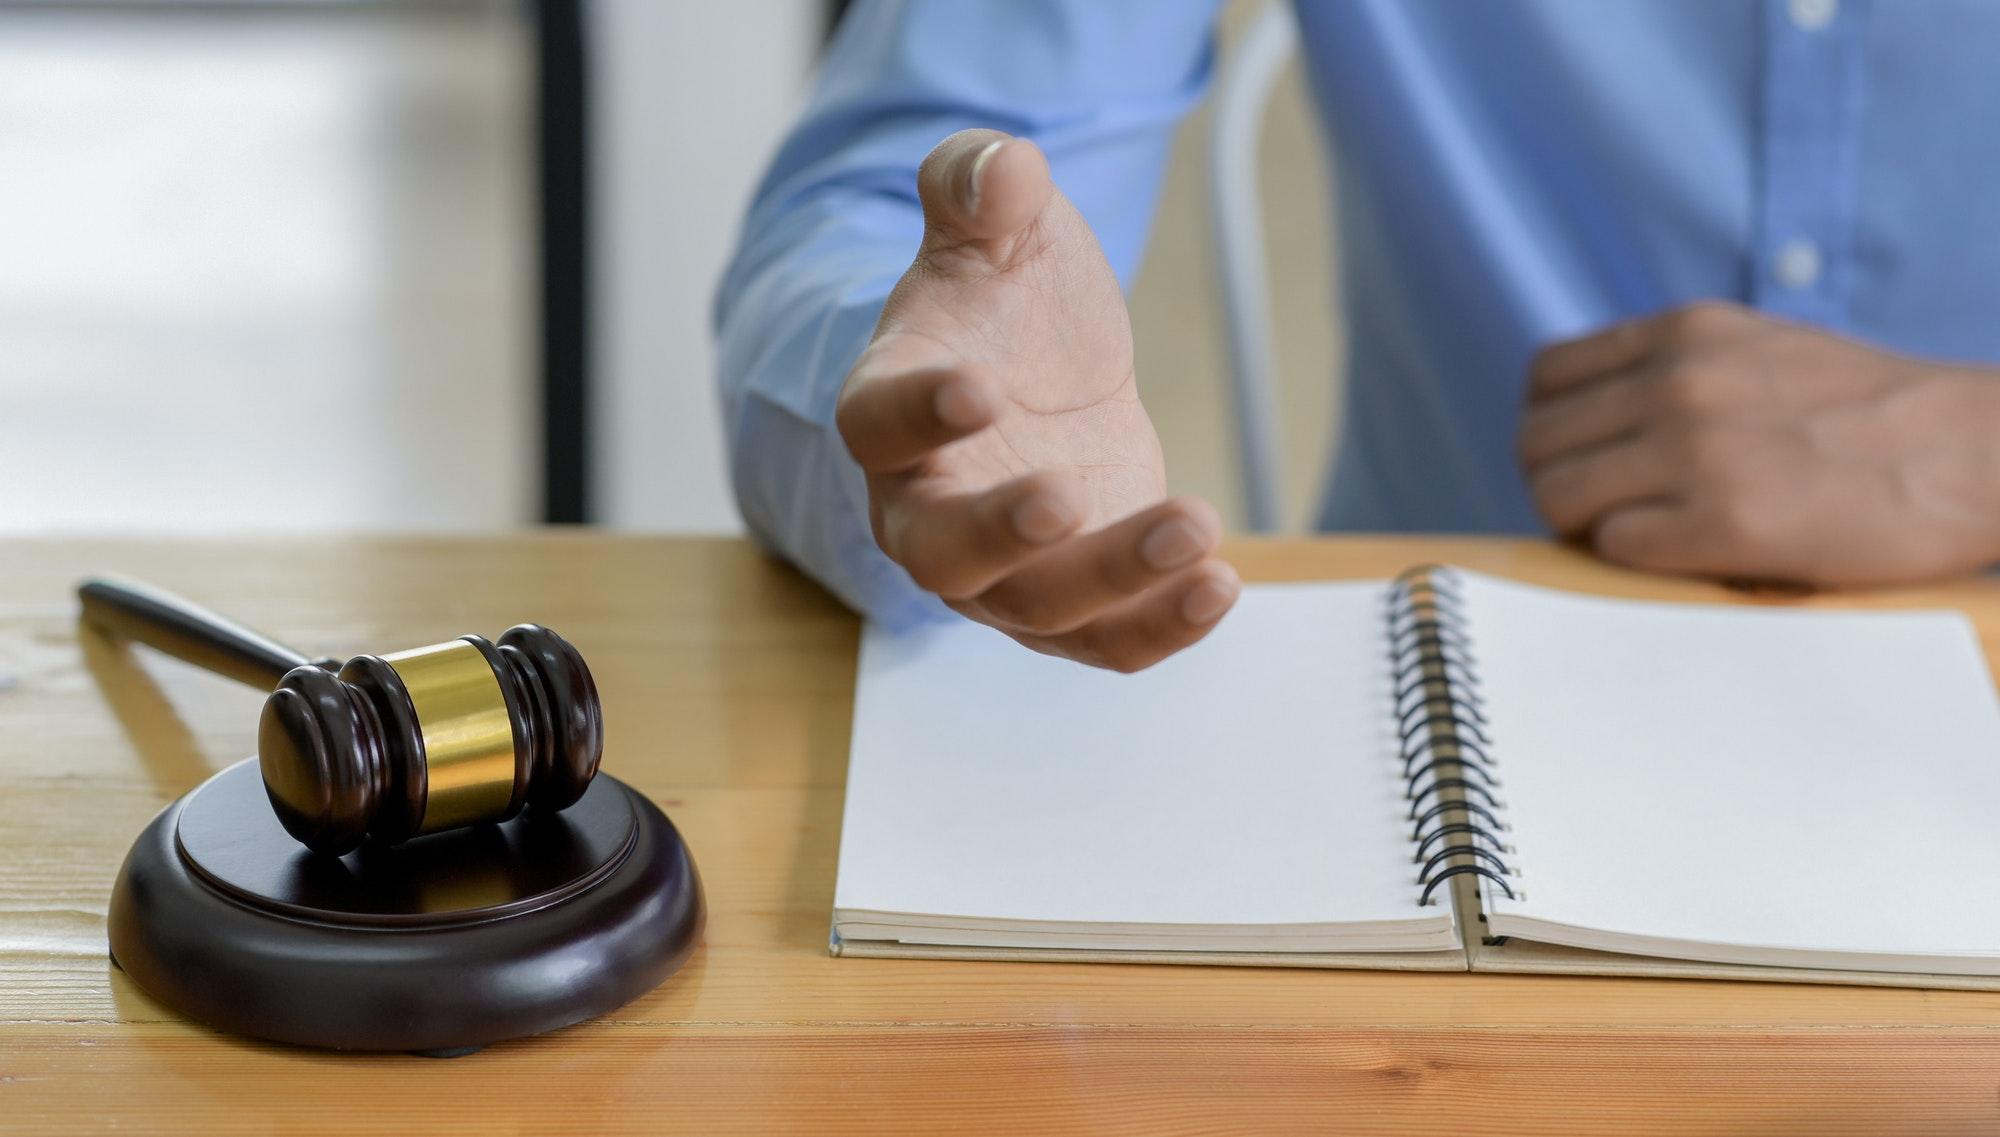 vous-avez-recu-un-avis-a-victime-de-la-part-du-tribunal-correctionnel-ou-du-tribunal-de-police-comment-faire-pour-obtenir-reparation-de-votre-prejudice-corporel